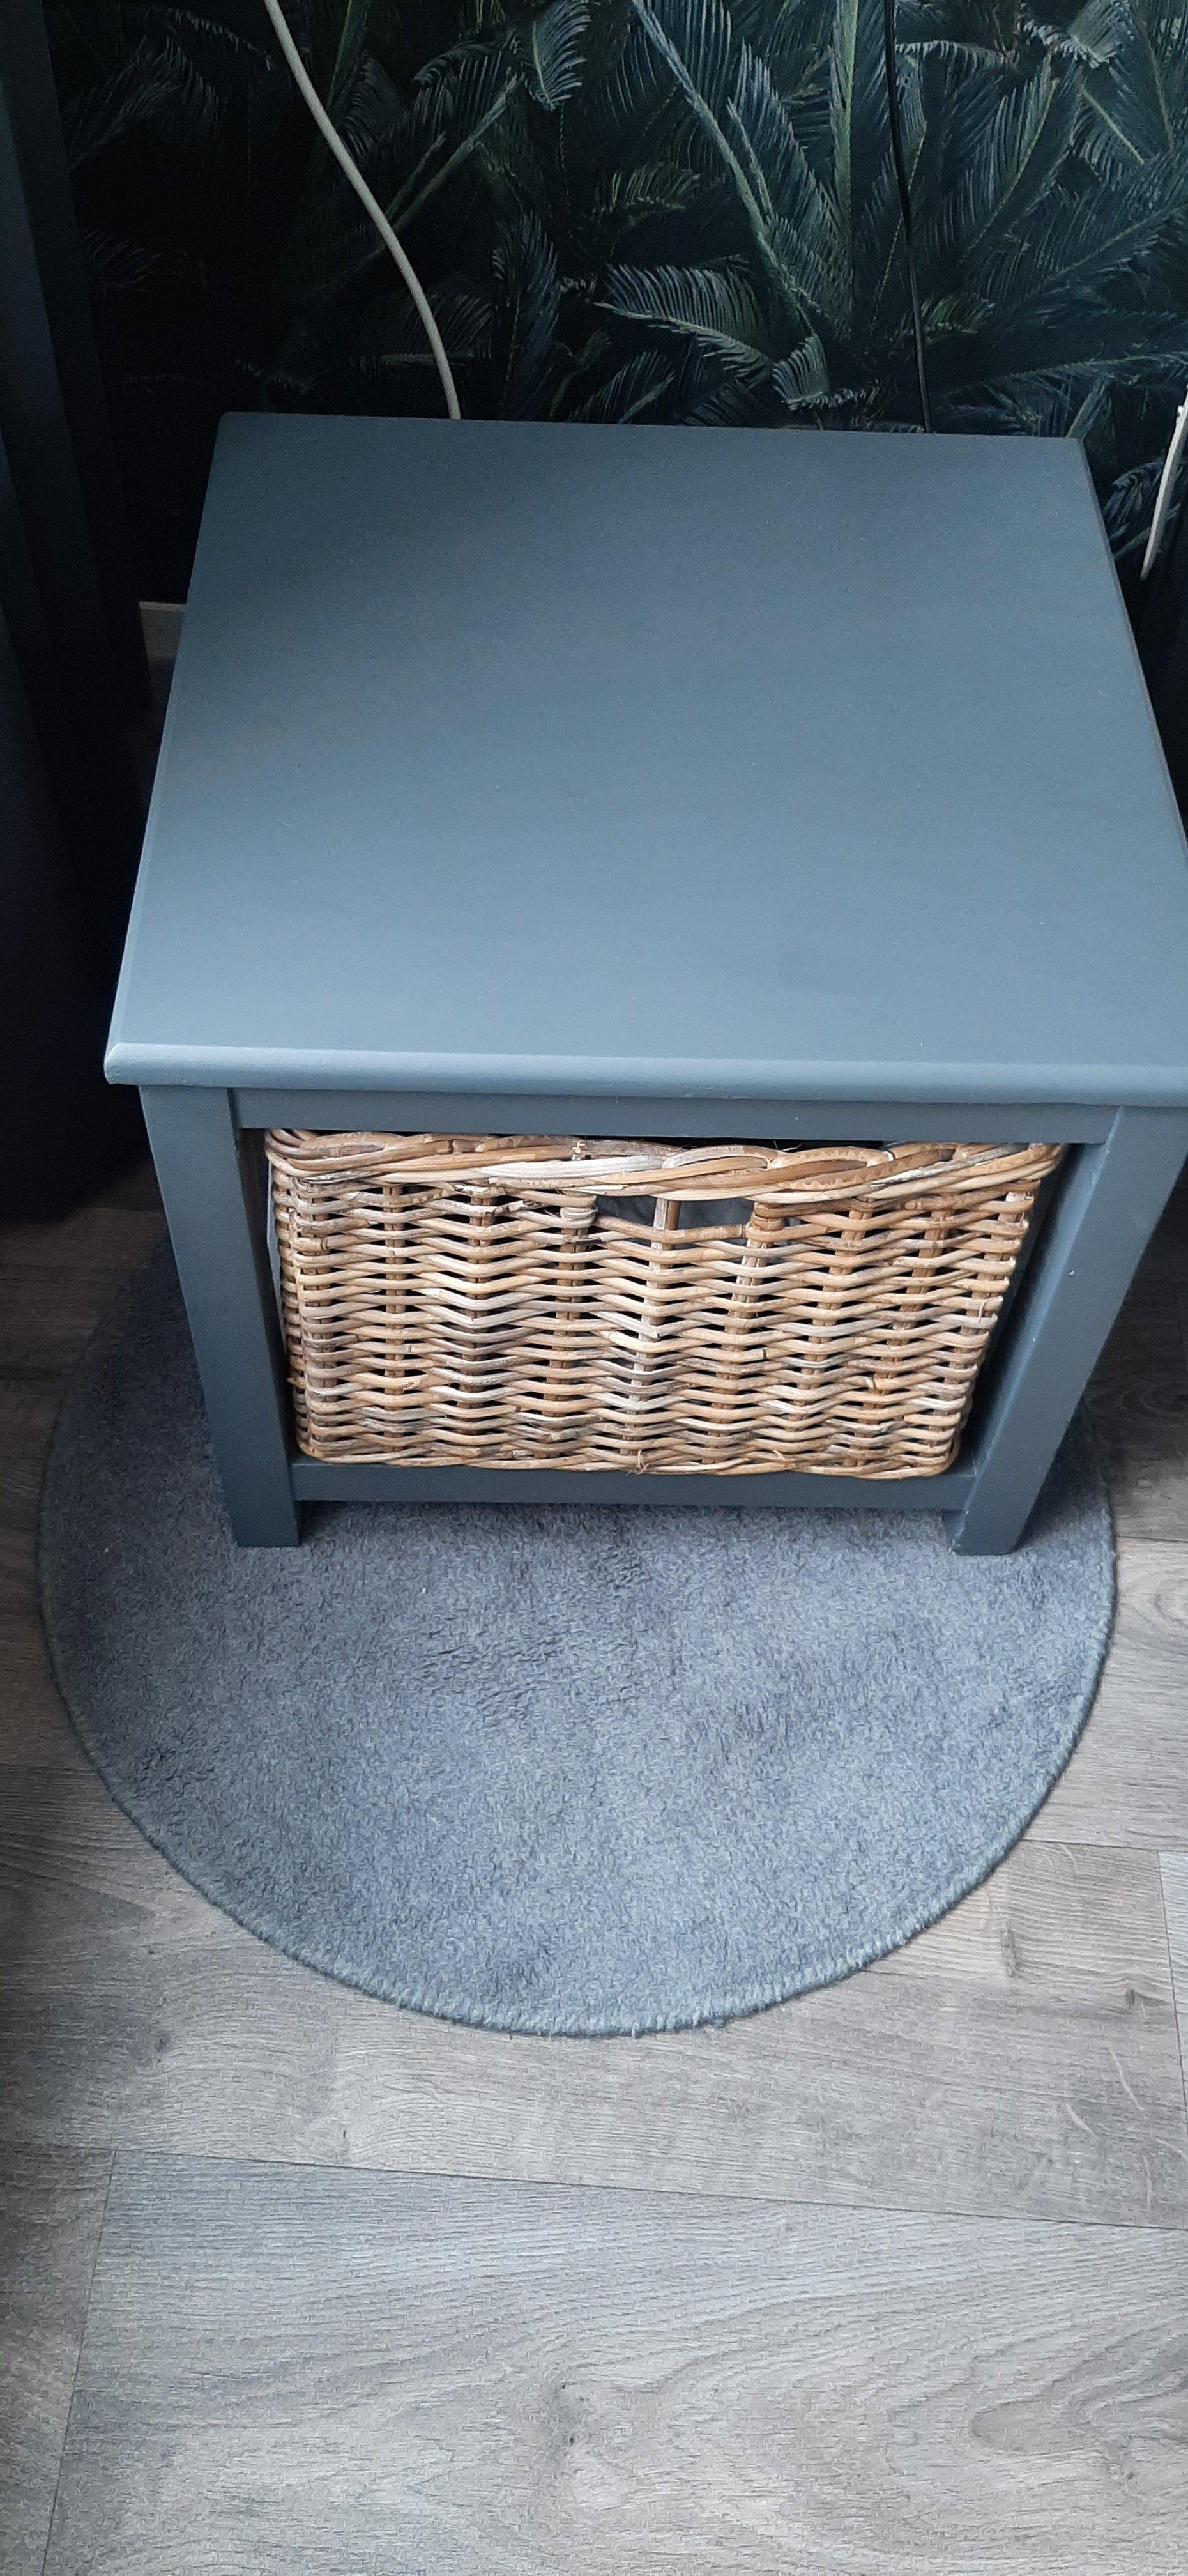 2 grijze (nachtkastje) kastjes met rieten mand